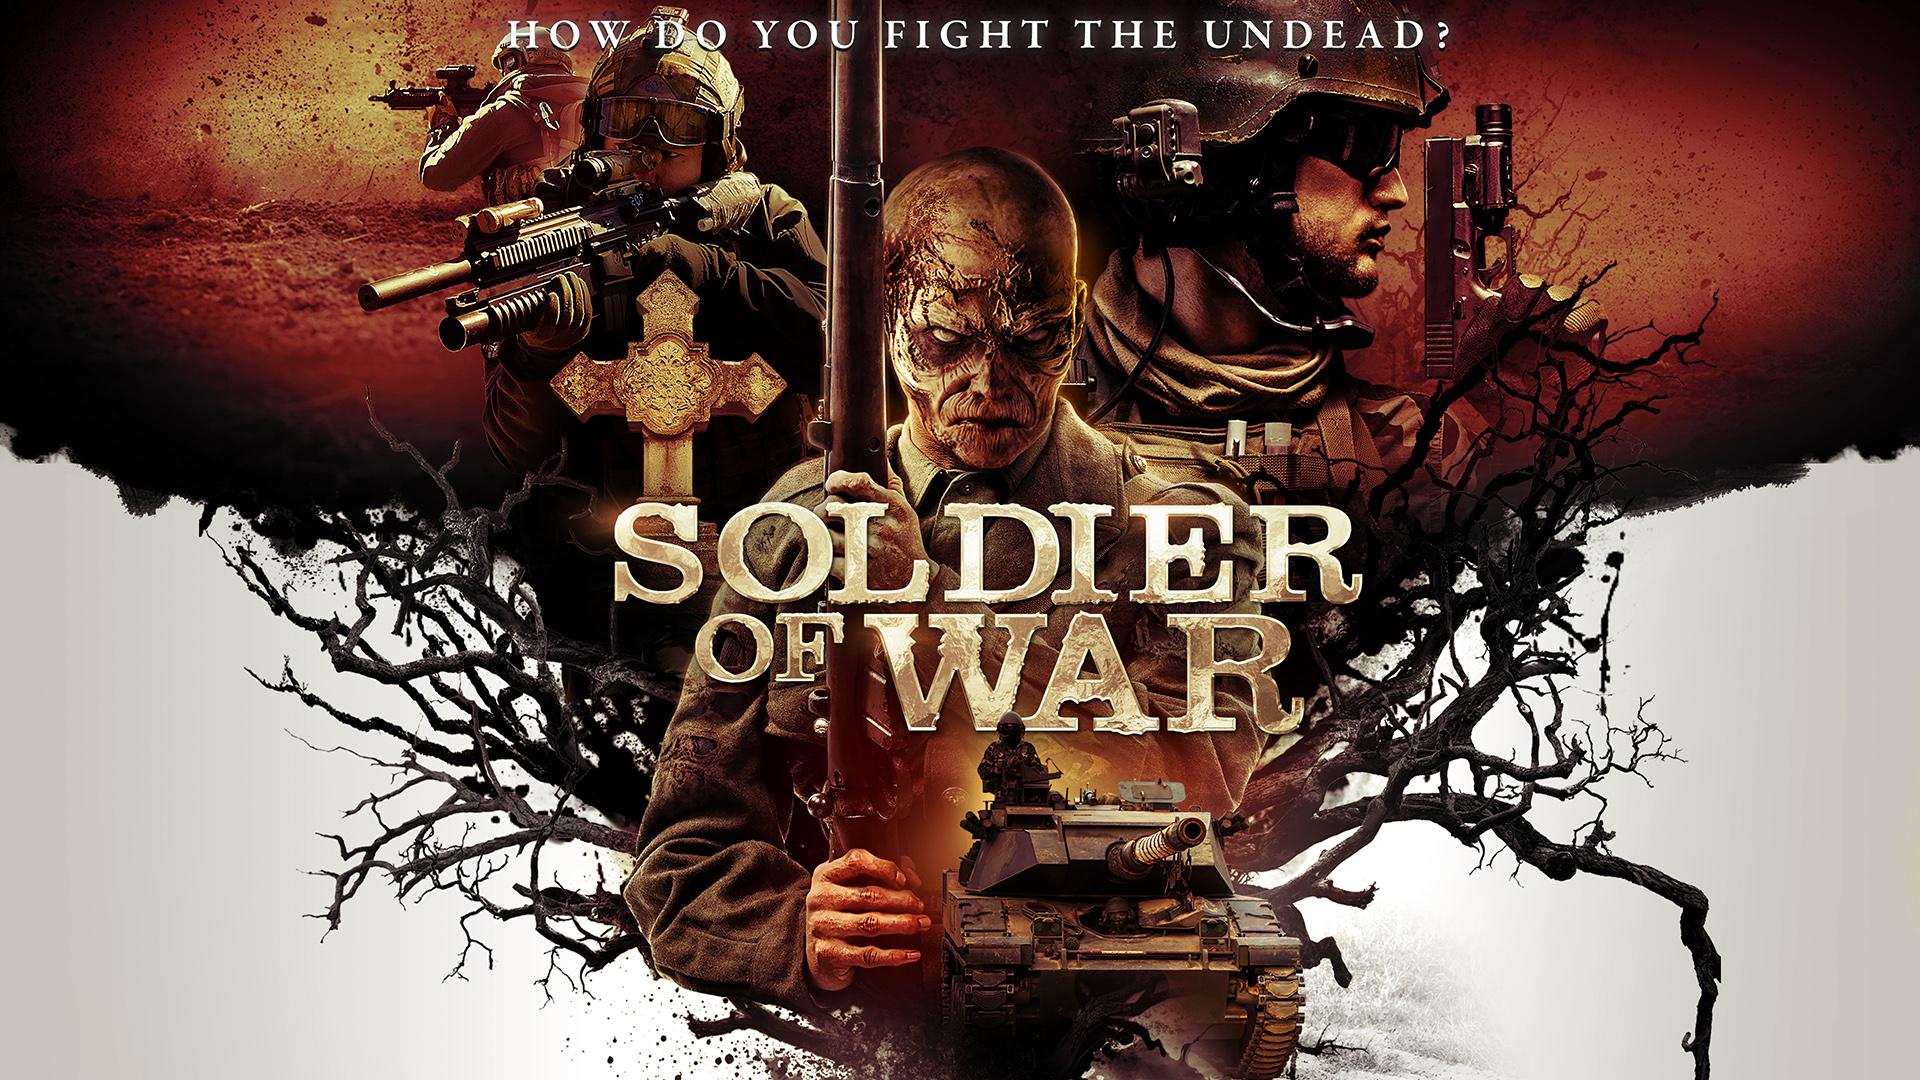 Soldier of War